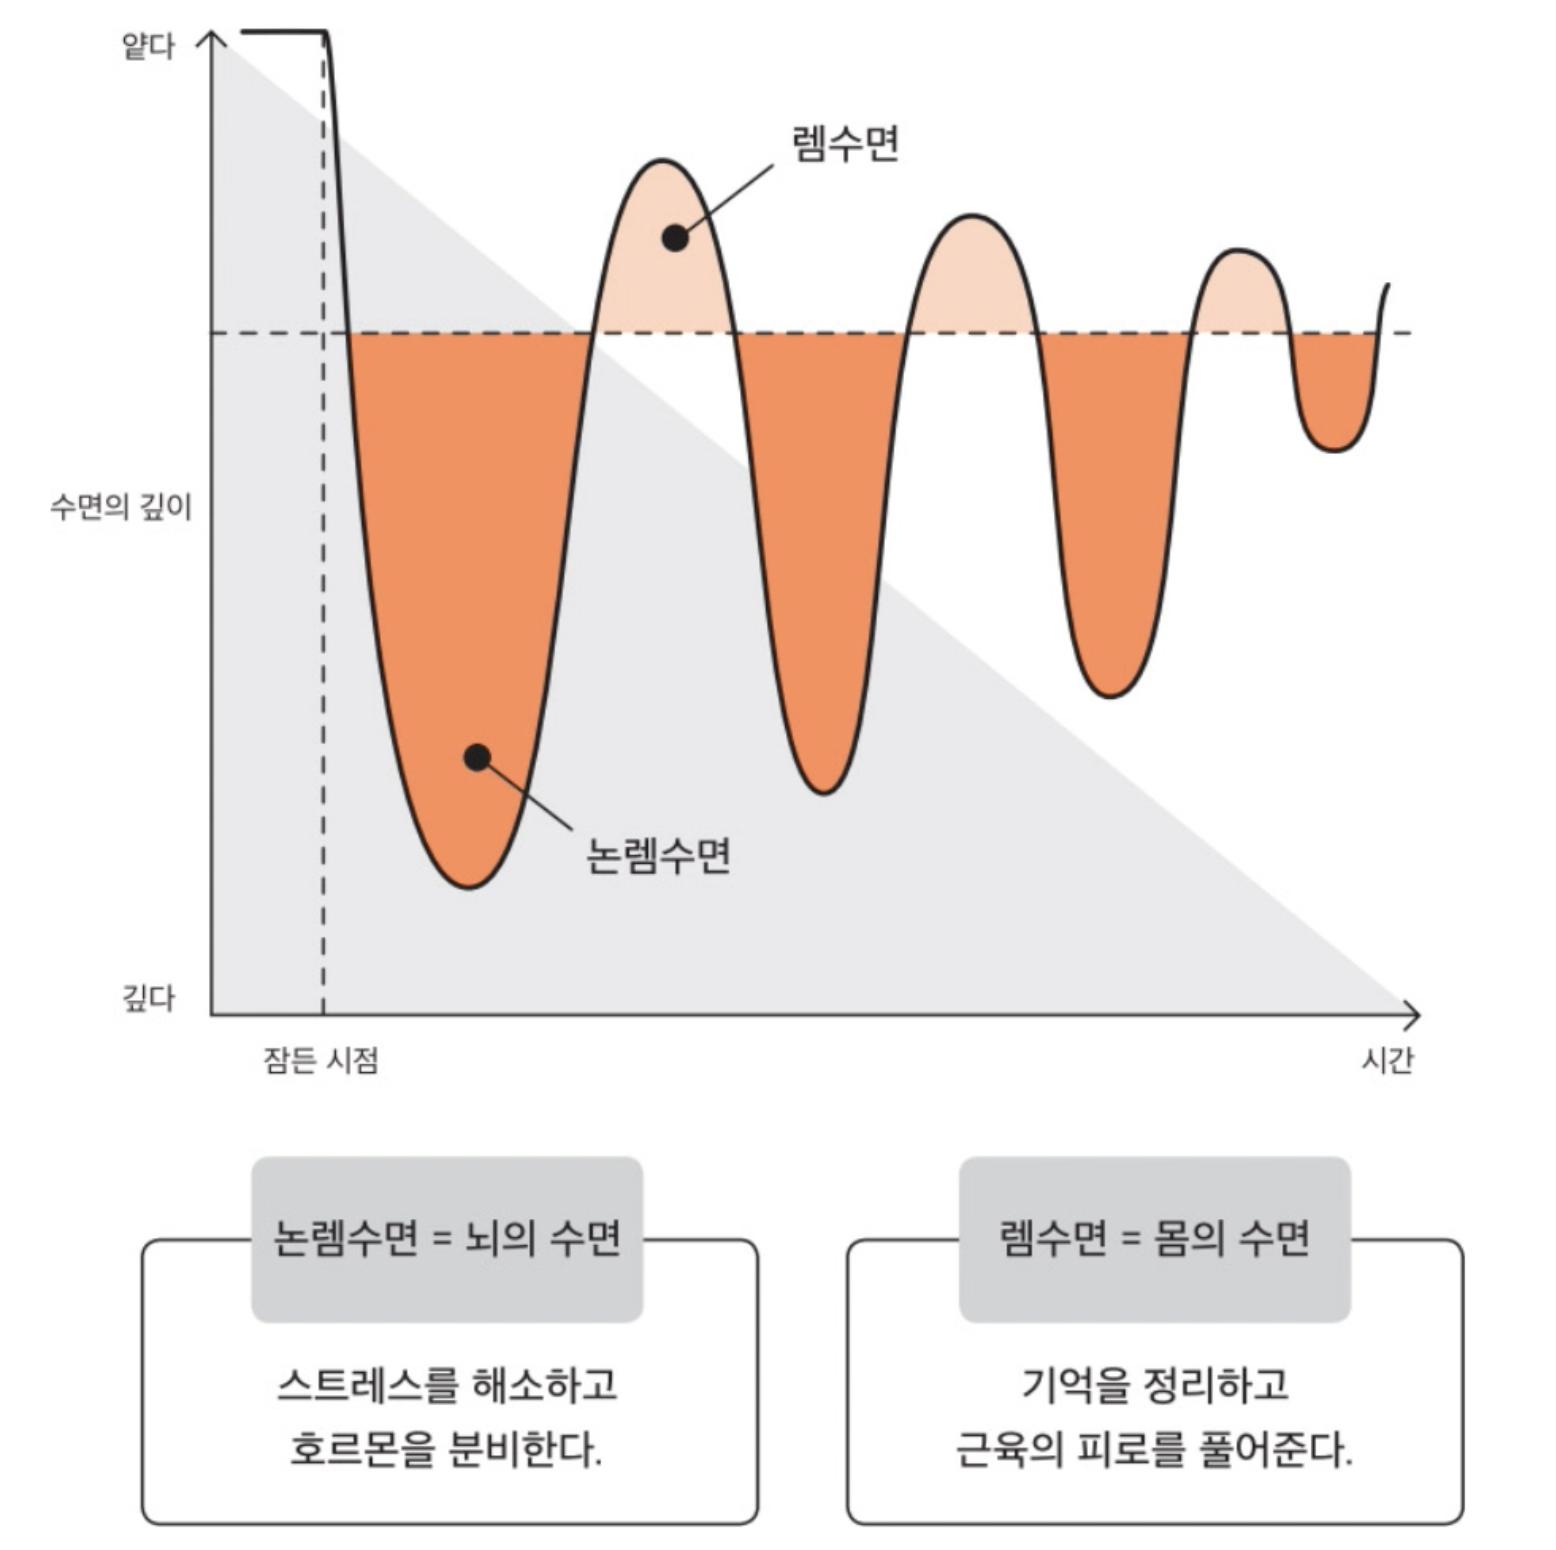 수면 싸이클